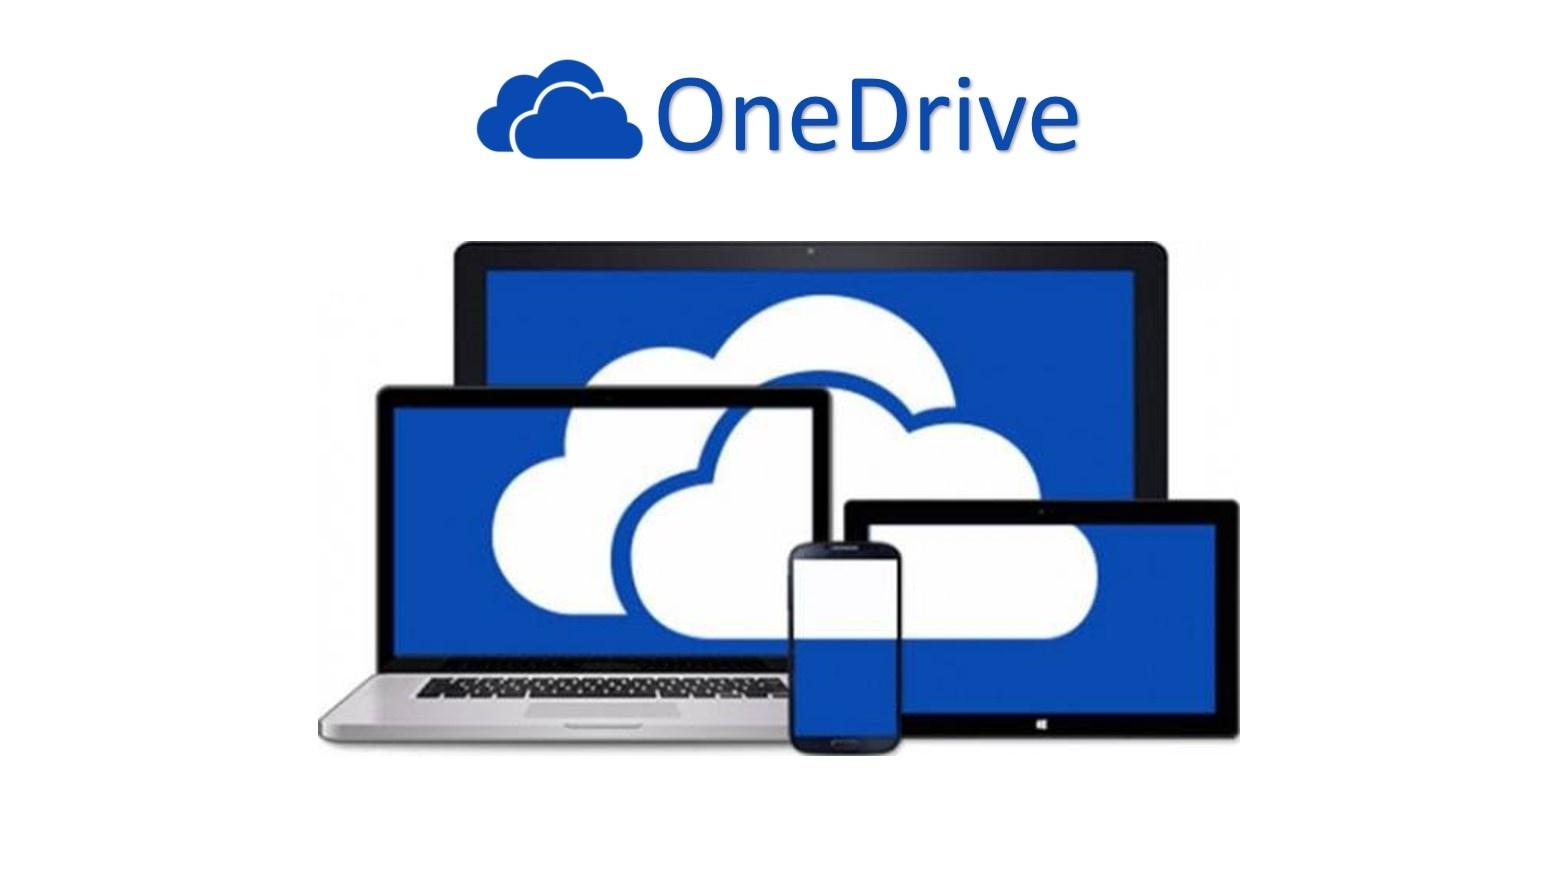 Nye oppdateringer i OneDrive for Business!